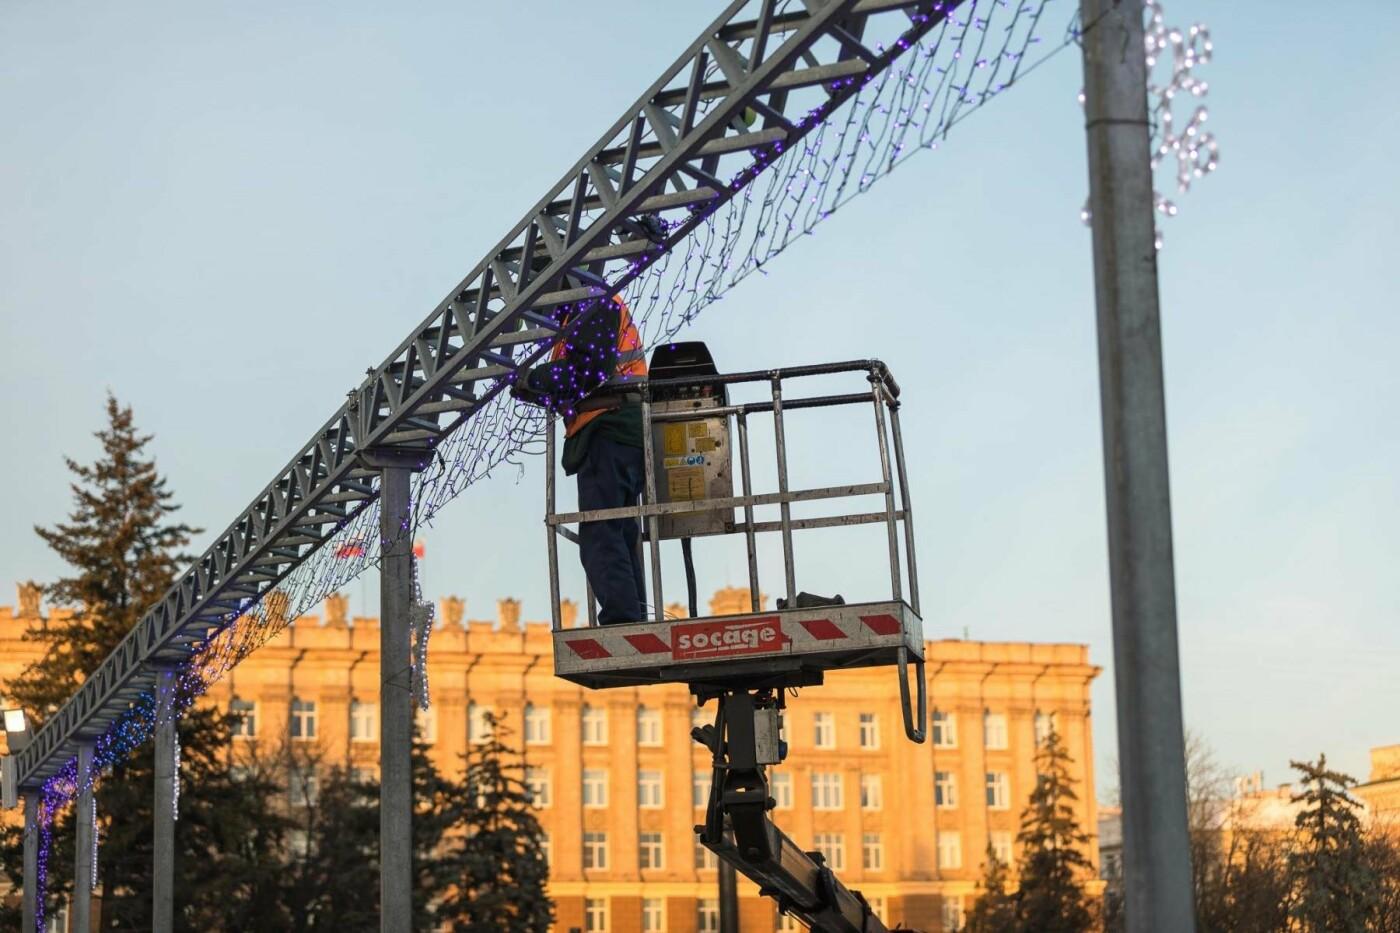 В соцсетях сообщили об установке ёлки на площади, но рабочие всё разобрали. Почему?, фото-14